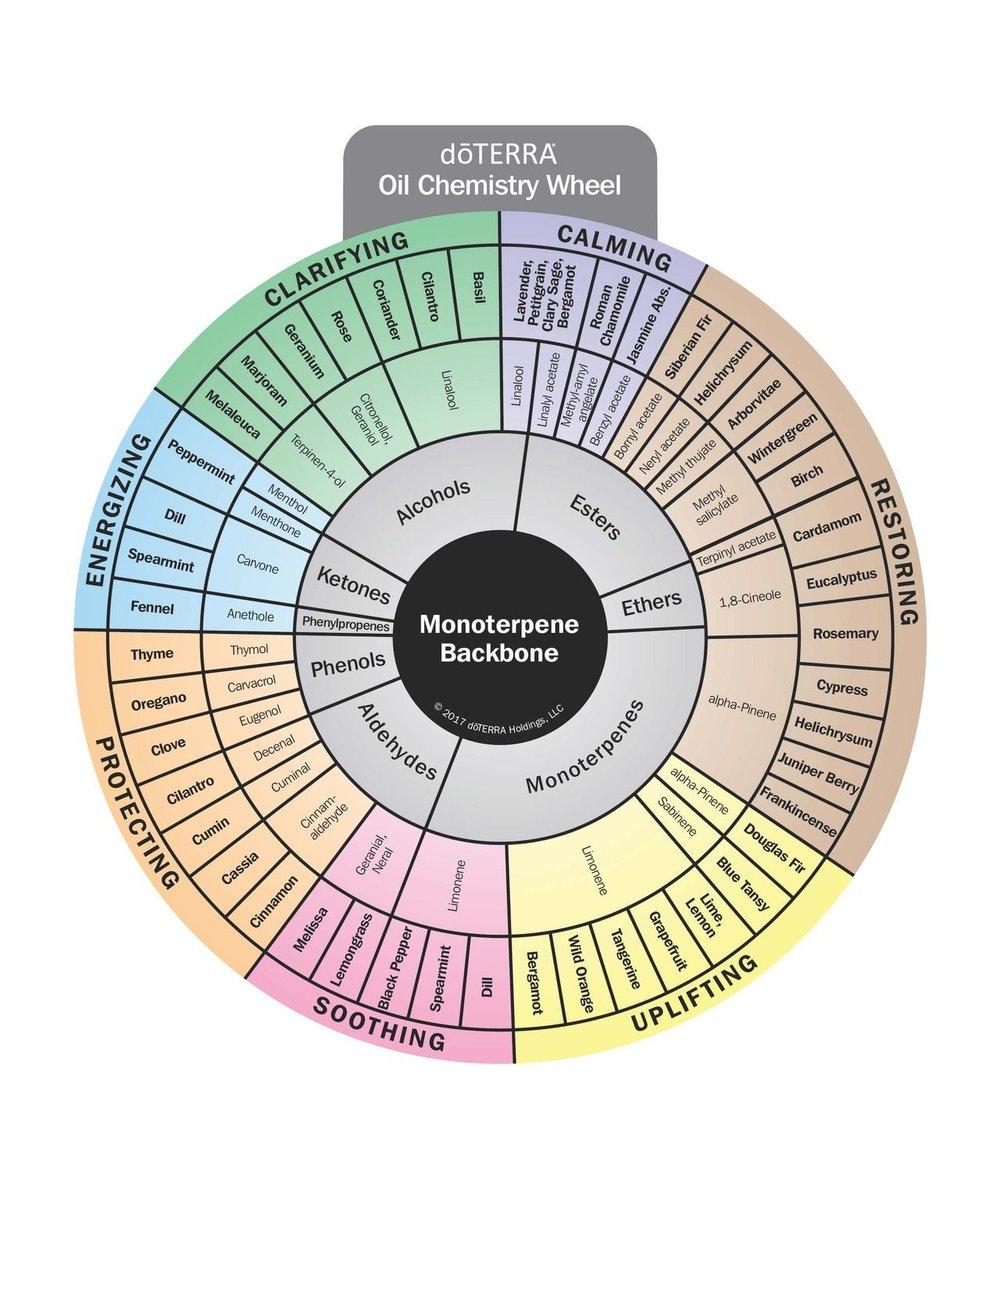 chemistrywheel.jpg